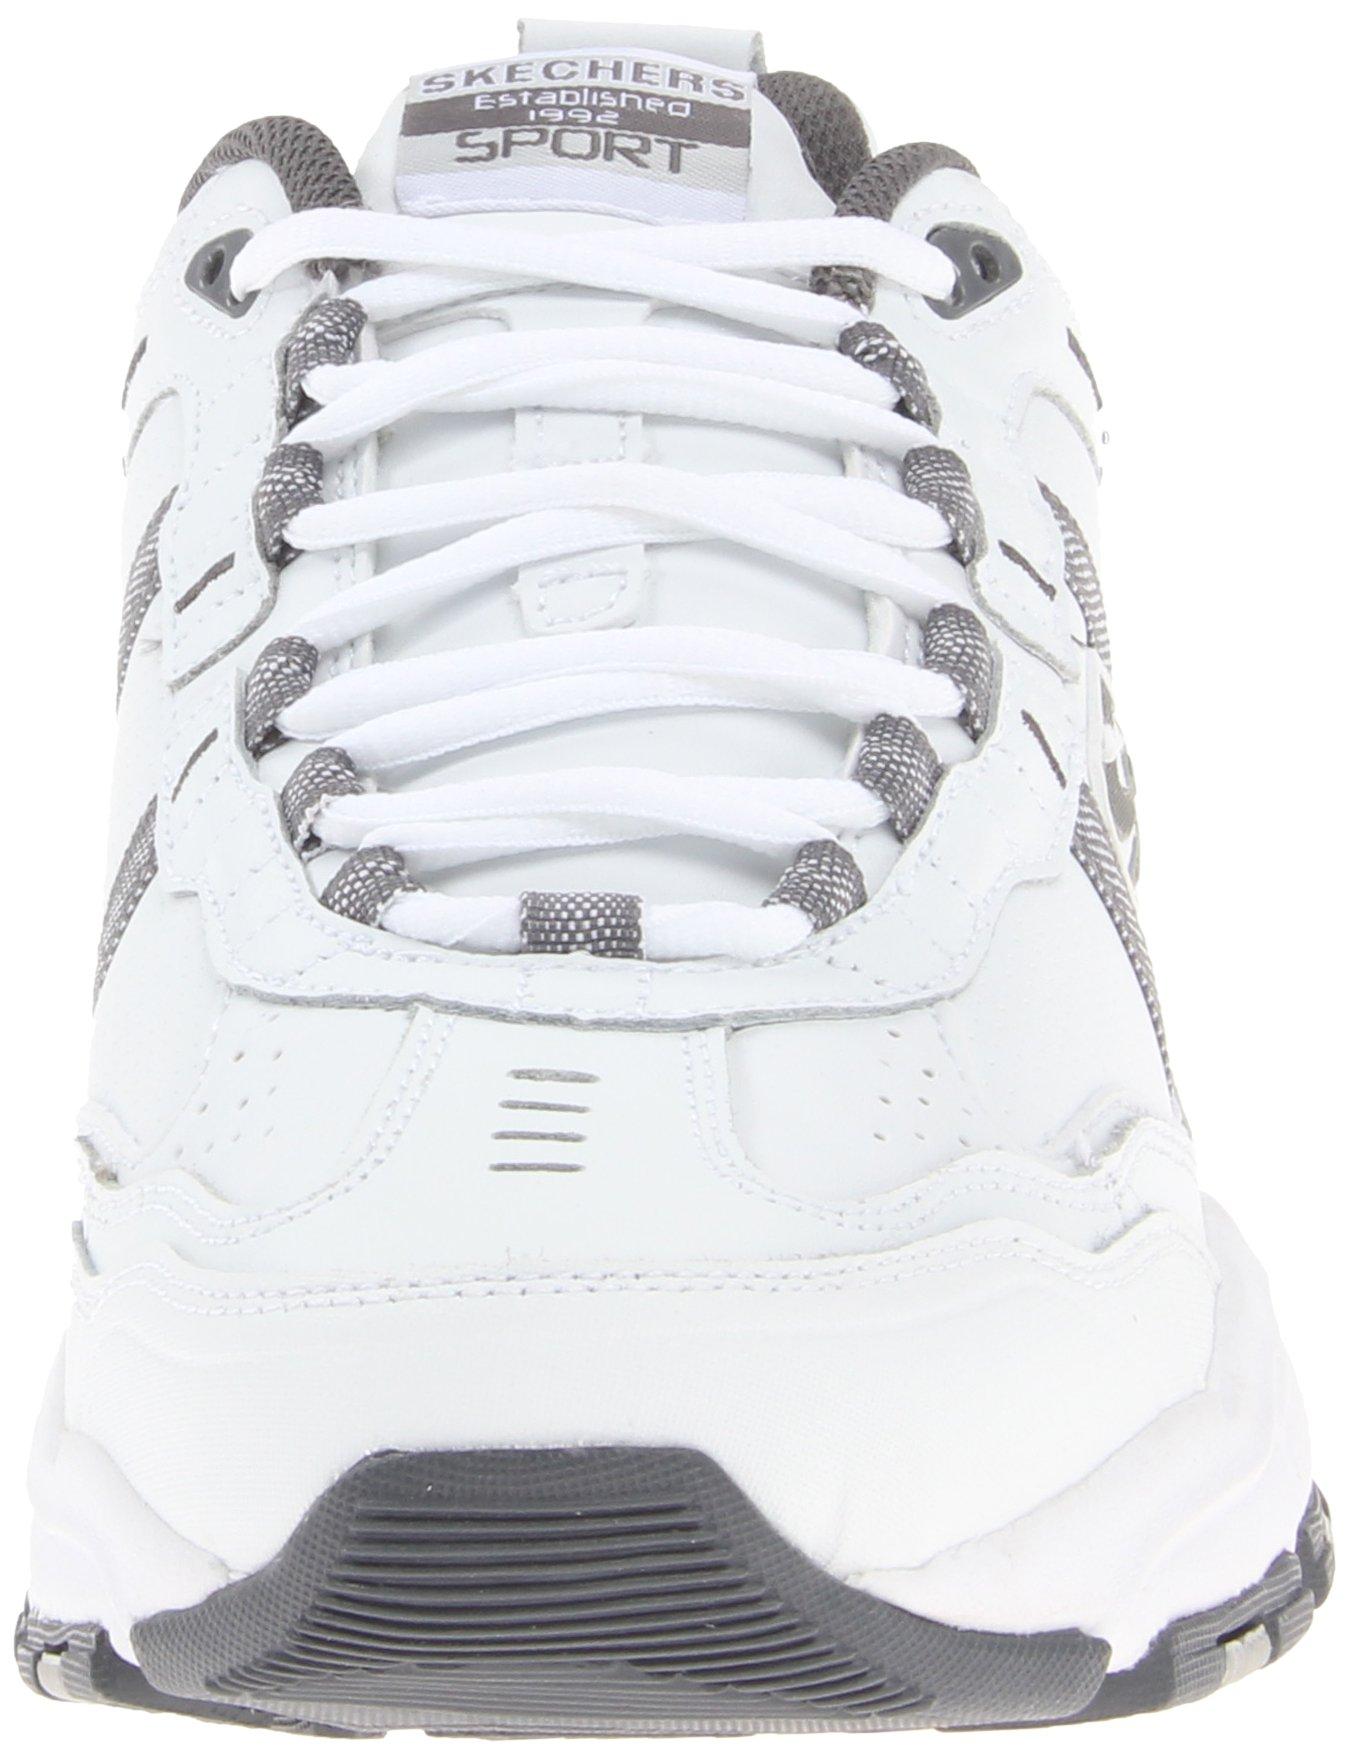 232bcf31740d Skechers Sport Men s Vigor 2.0 Serpentine Memory Foam Sneaker